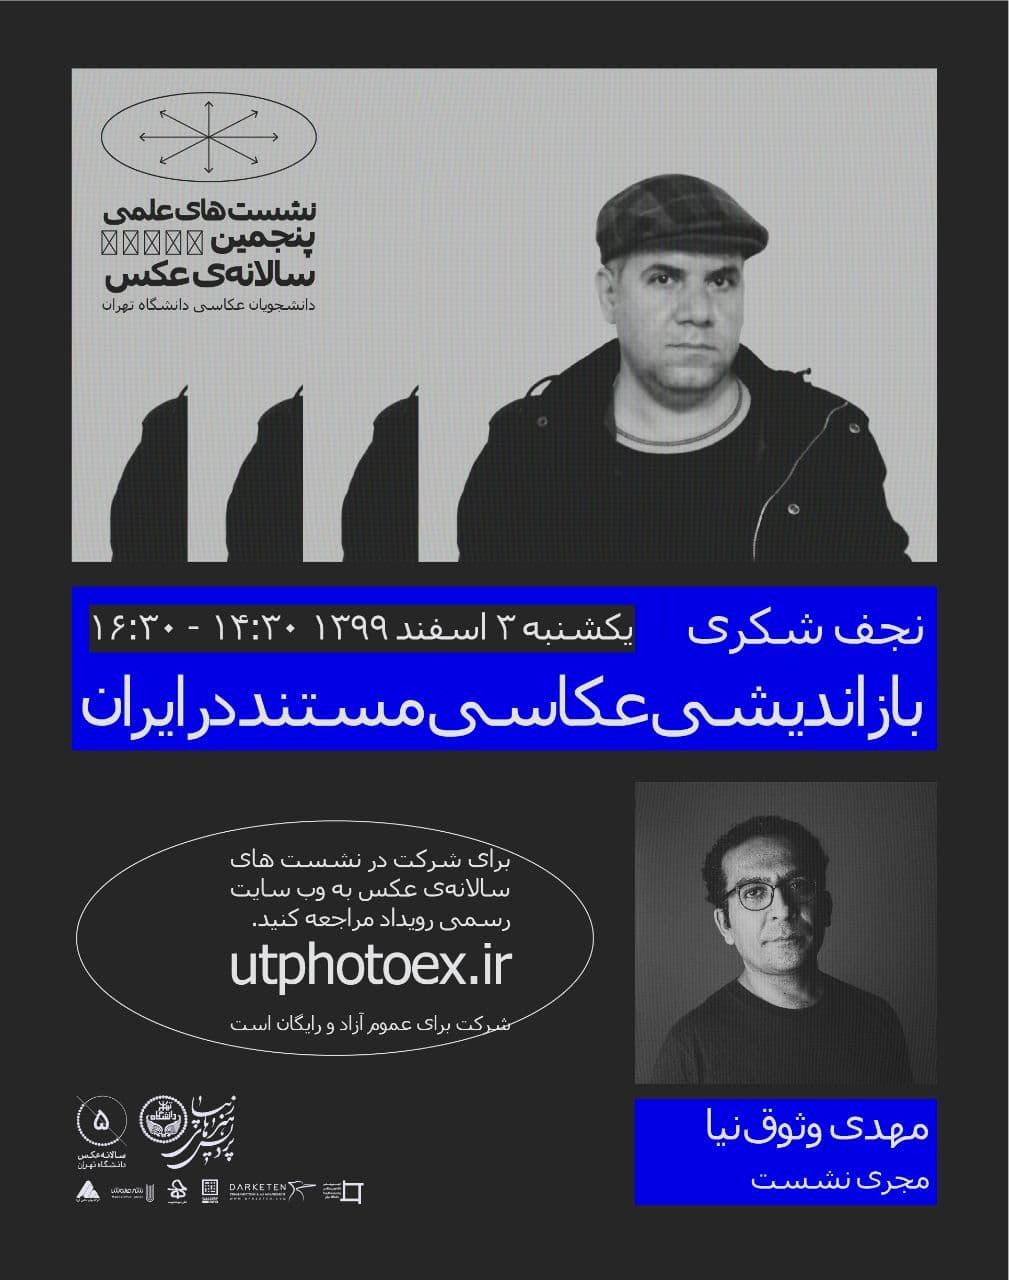 نشست بازاندیشی عکاسی مستند در ایران